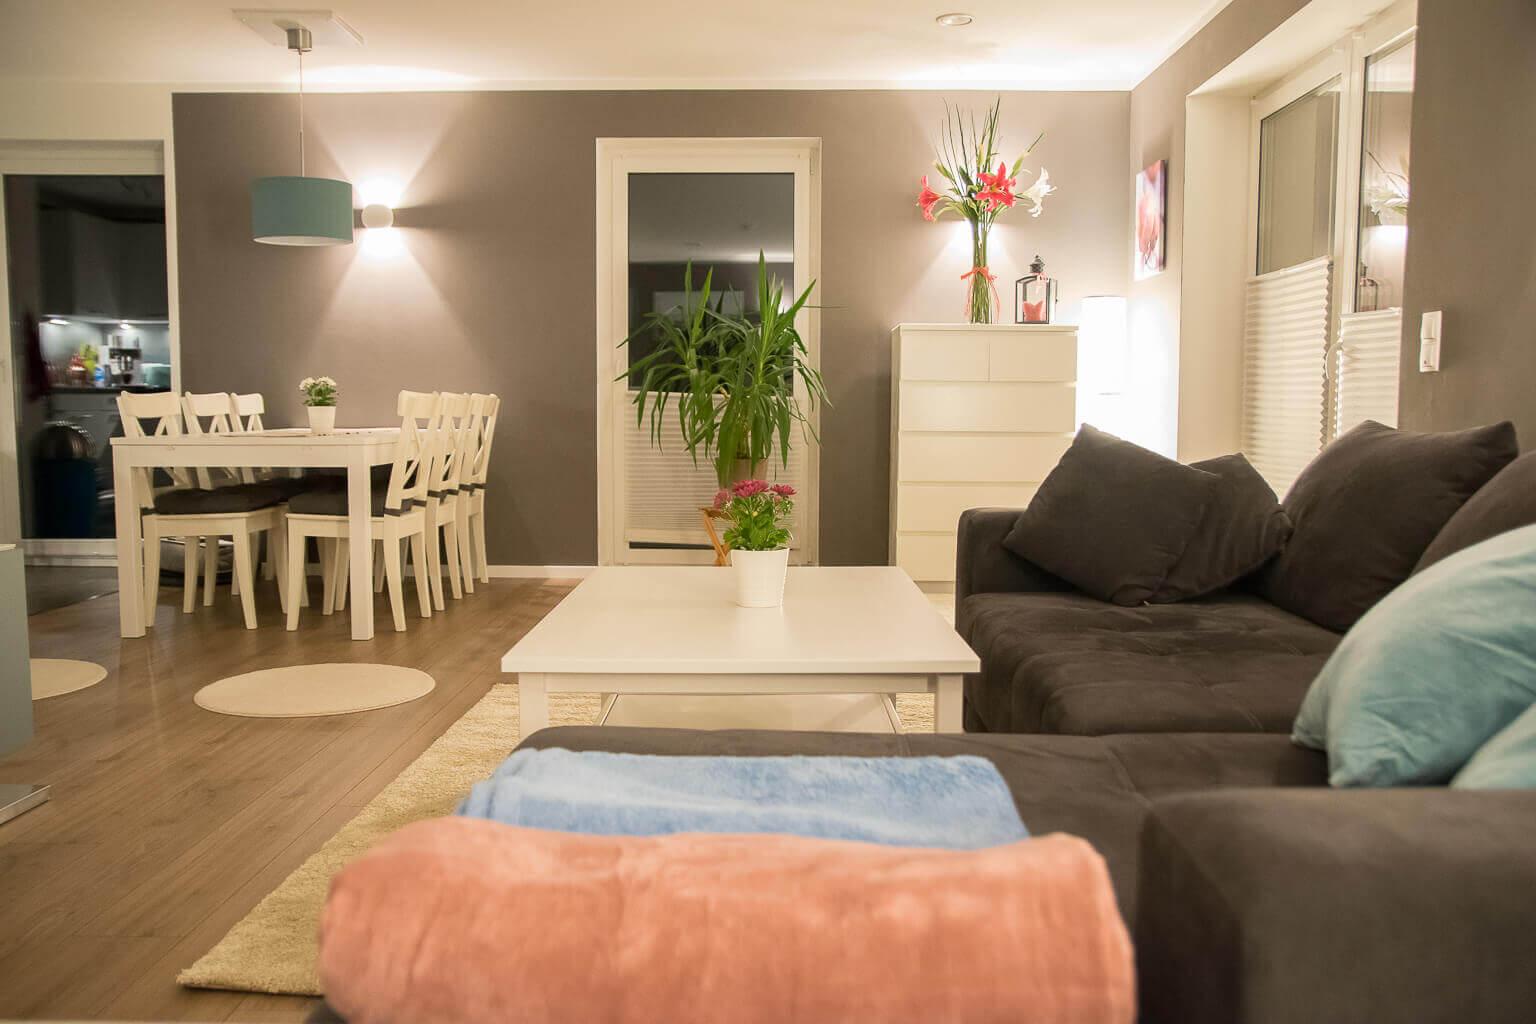 Full Size of Schöne Wohnzimmer Schne Decken Gestalten Paneele Beispiel Deckenleuchten Led Deckenleuchte Hängeleuchte Sideboard Deckenlampen Bilder Xxl Gardine Deckenlampe Wohnzimmer Schöne Wohnzimmer